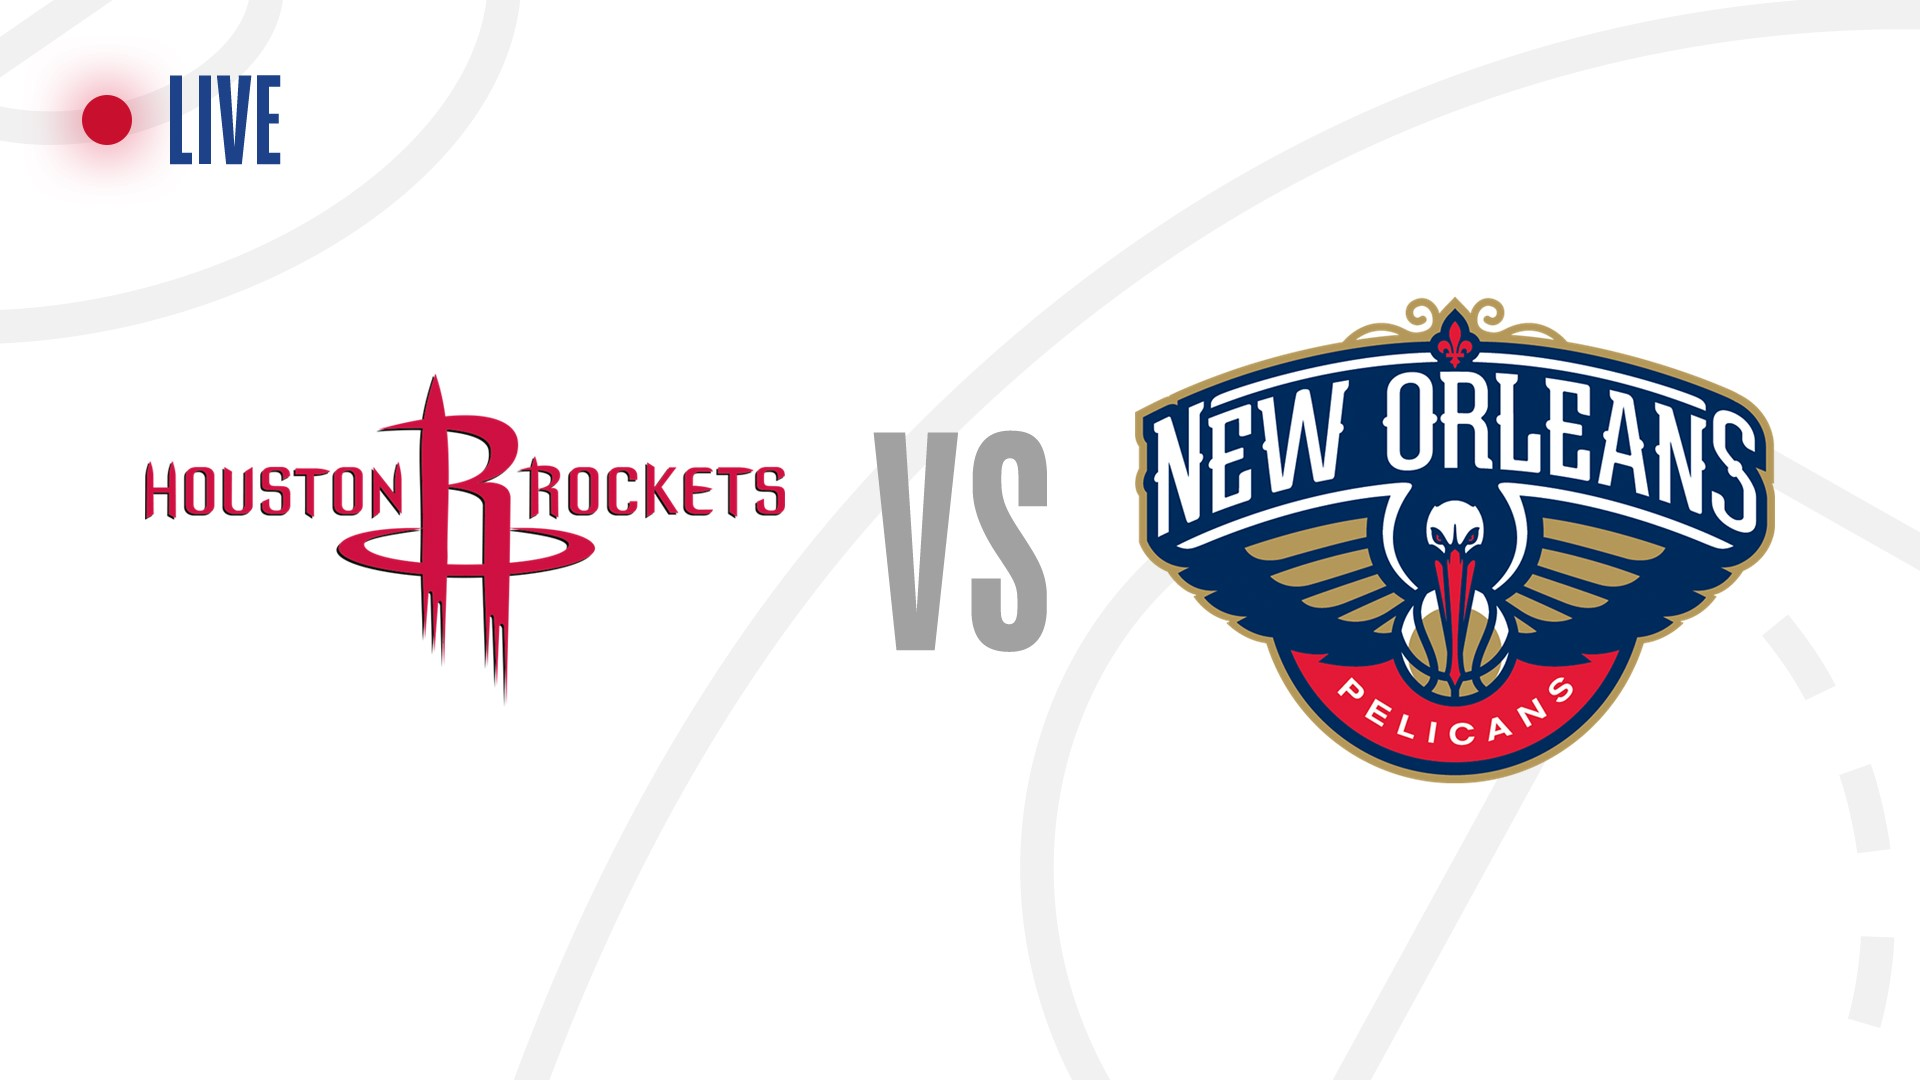 rockets, pelicans